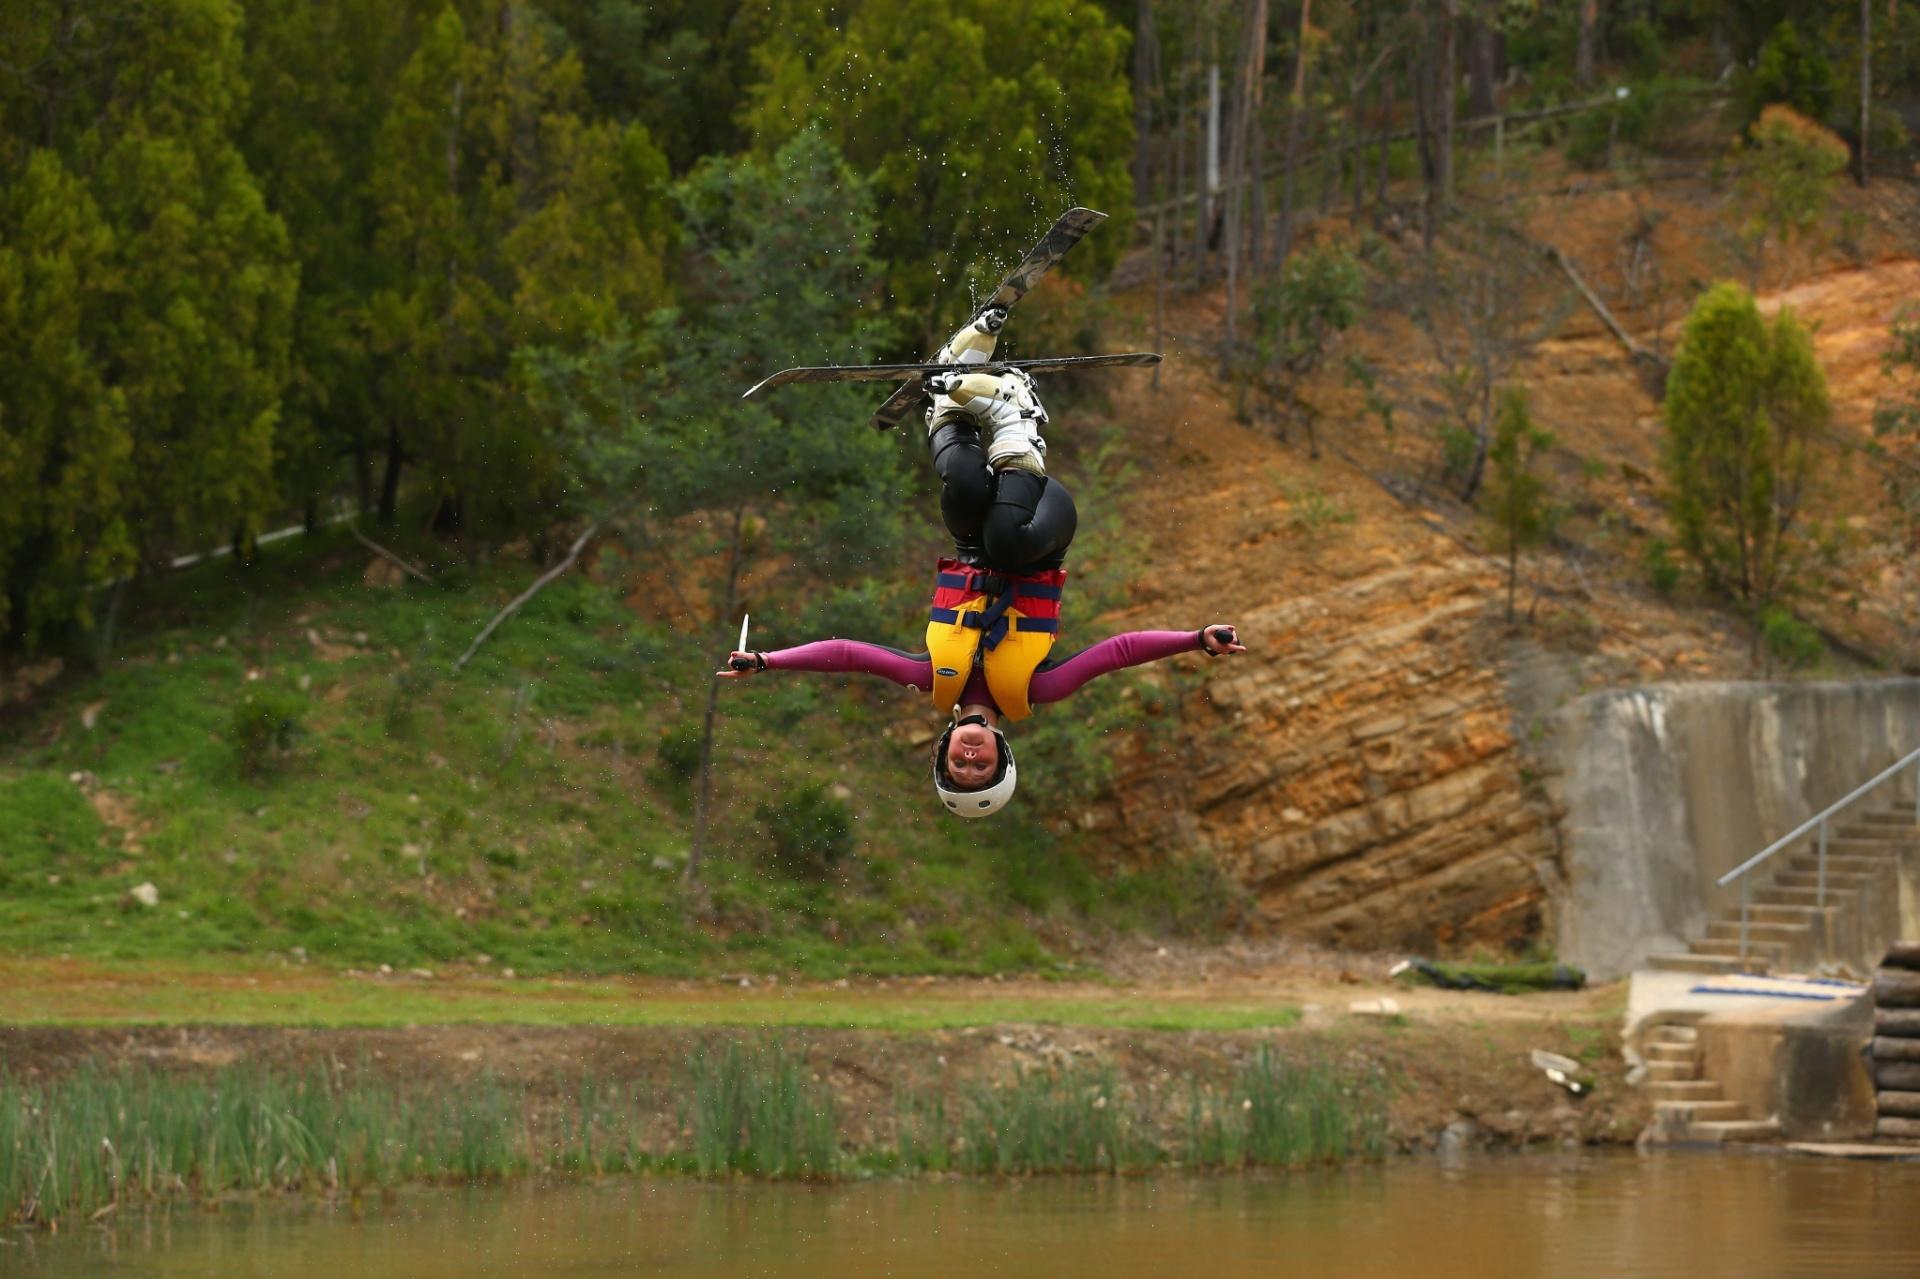 Taylah-Page O'Neill faz acrobacia após saltar em um lago durante treinamento de esqui da seleção australiana em Melbourne